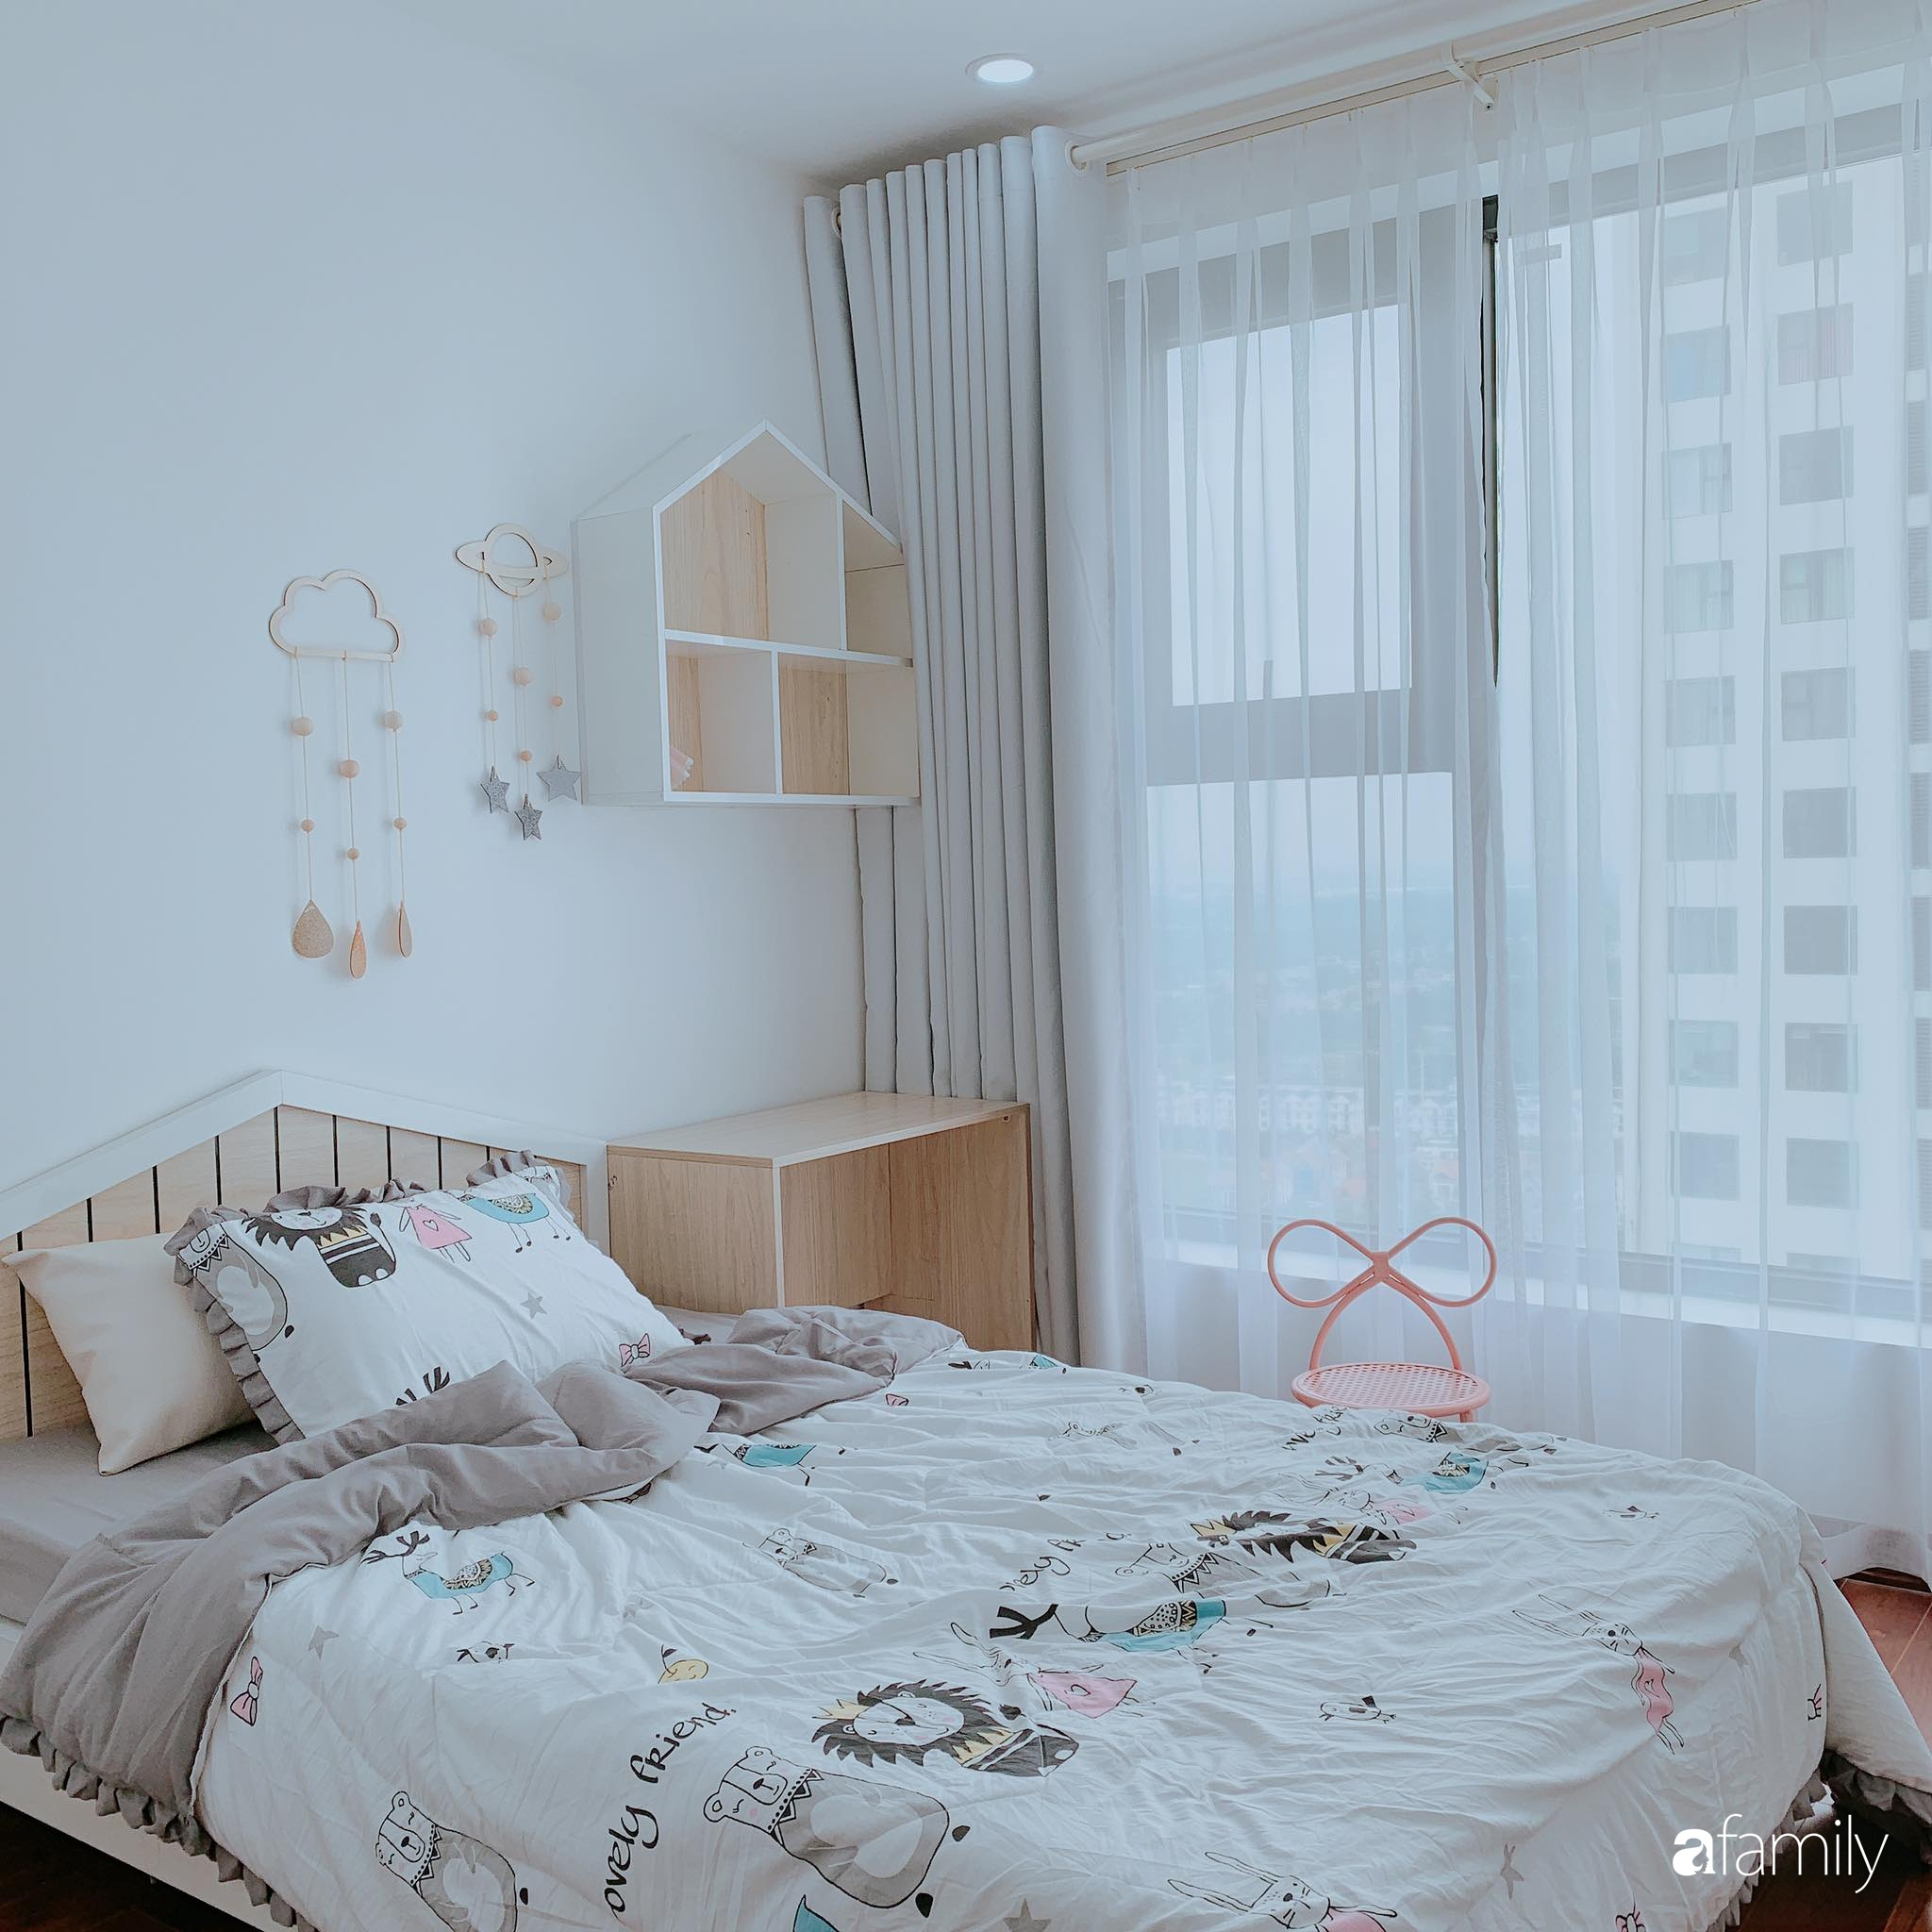 Căn hộ 90m² như được nhân đôi không gian nhờ cách decor khéo léo với màu trắng - ghi ở Hà Nội - Ảnh 15.